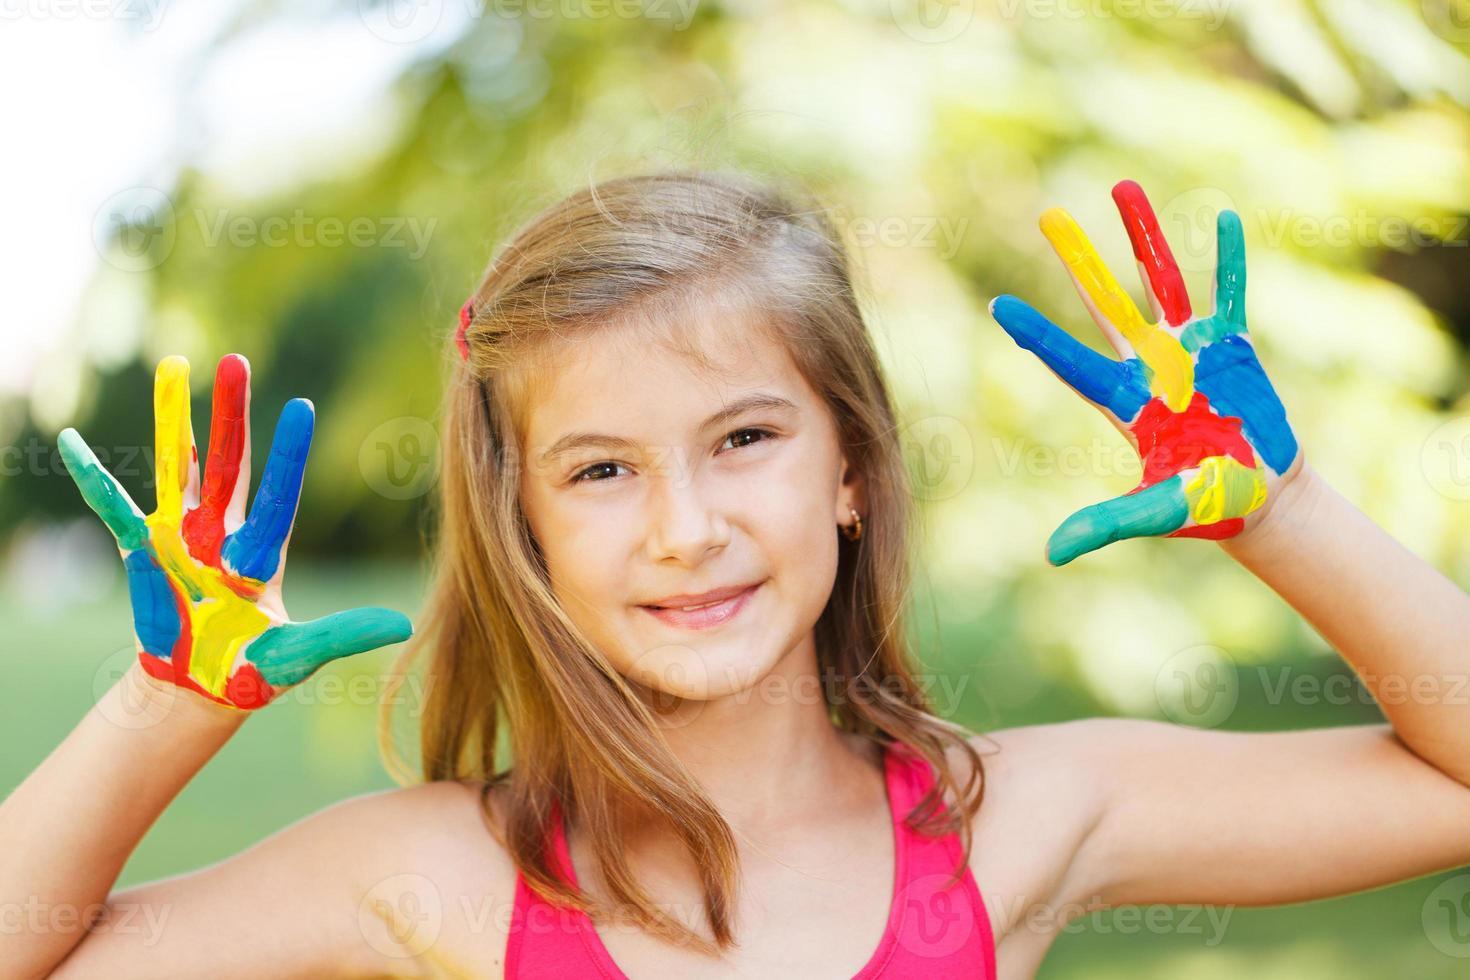 garota feliz com as mãos pintadas foto